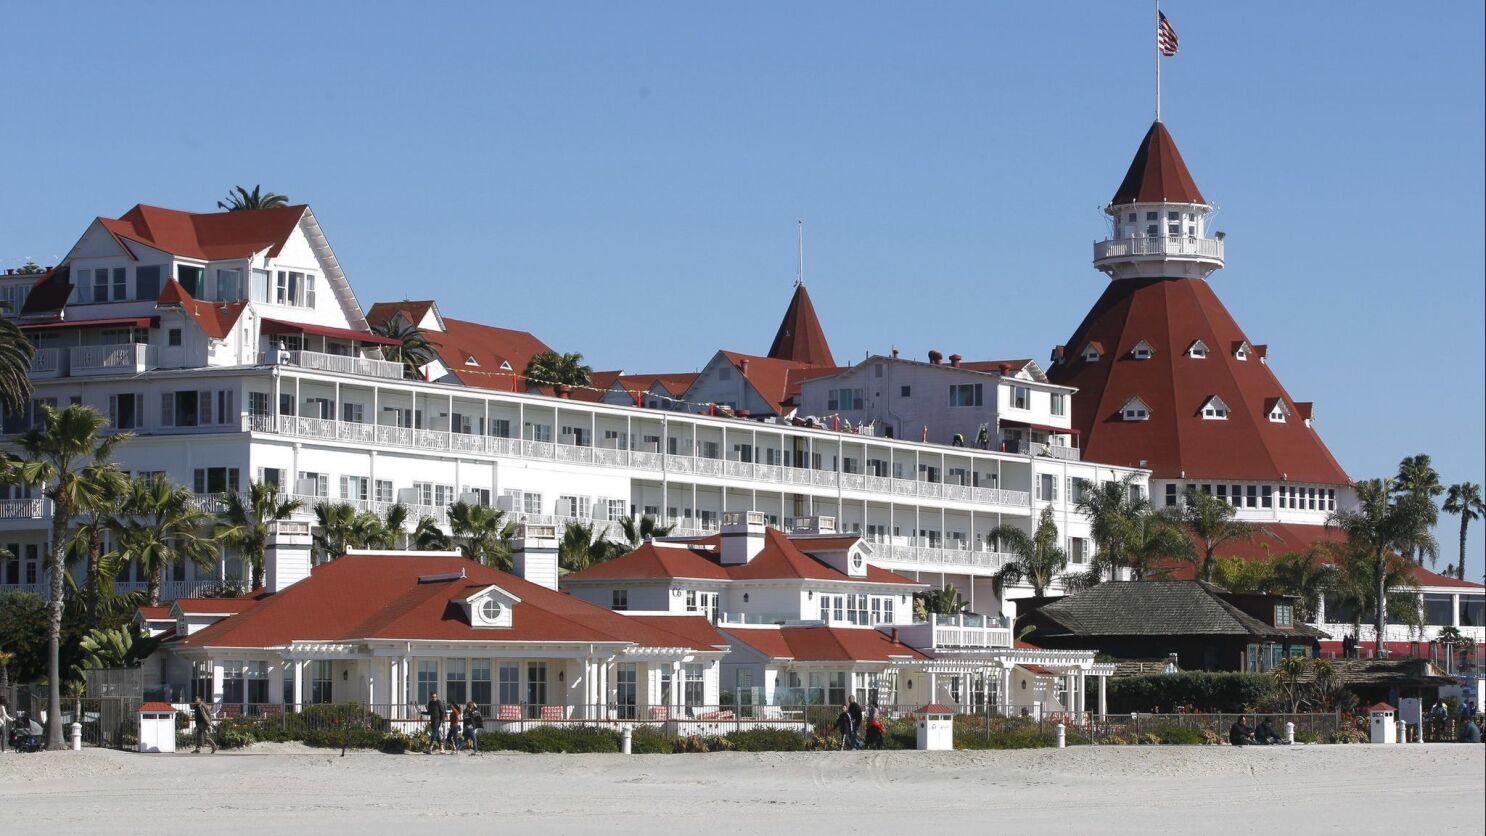 Image result for Hotel del coronado